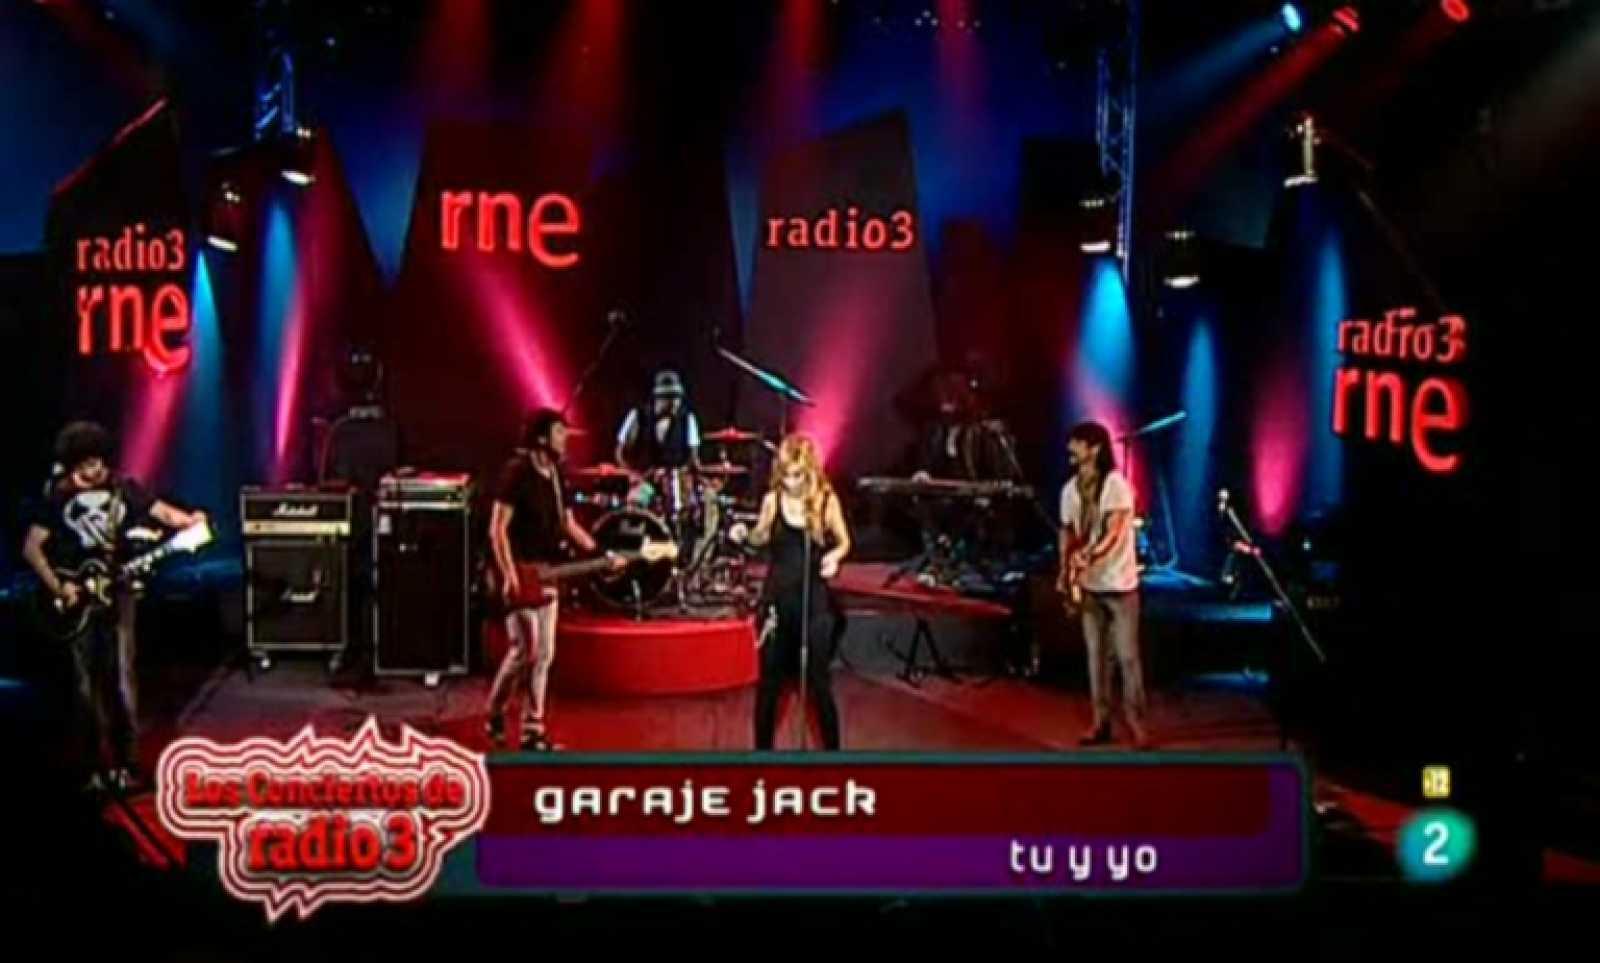 Los conciertos de Radio 3 - Garaje Jack - ver ahora